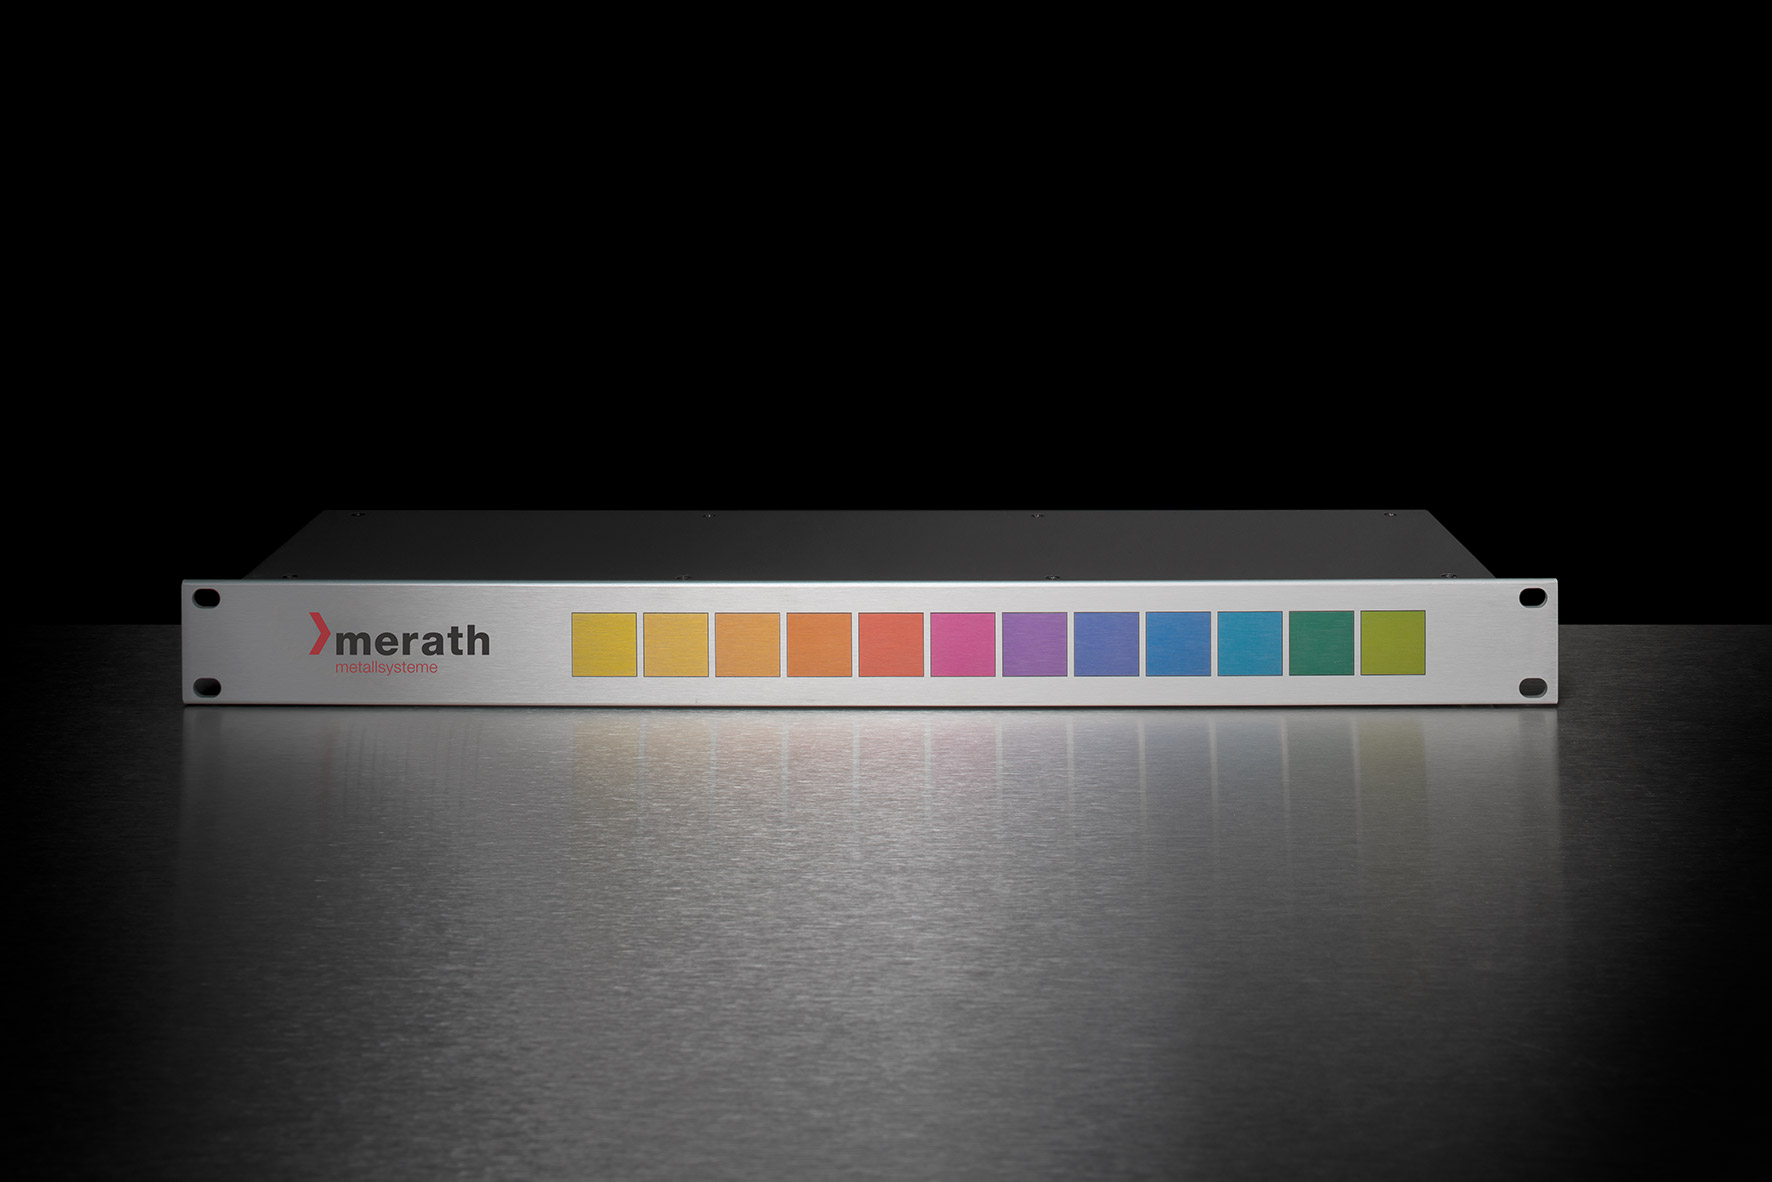 Einschubgehäuse mit aufgedrucktem merath-Logo und Farbfeldern in Regenbogenfarbe